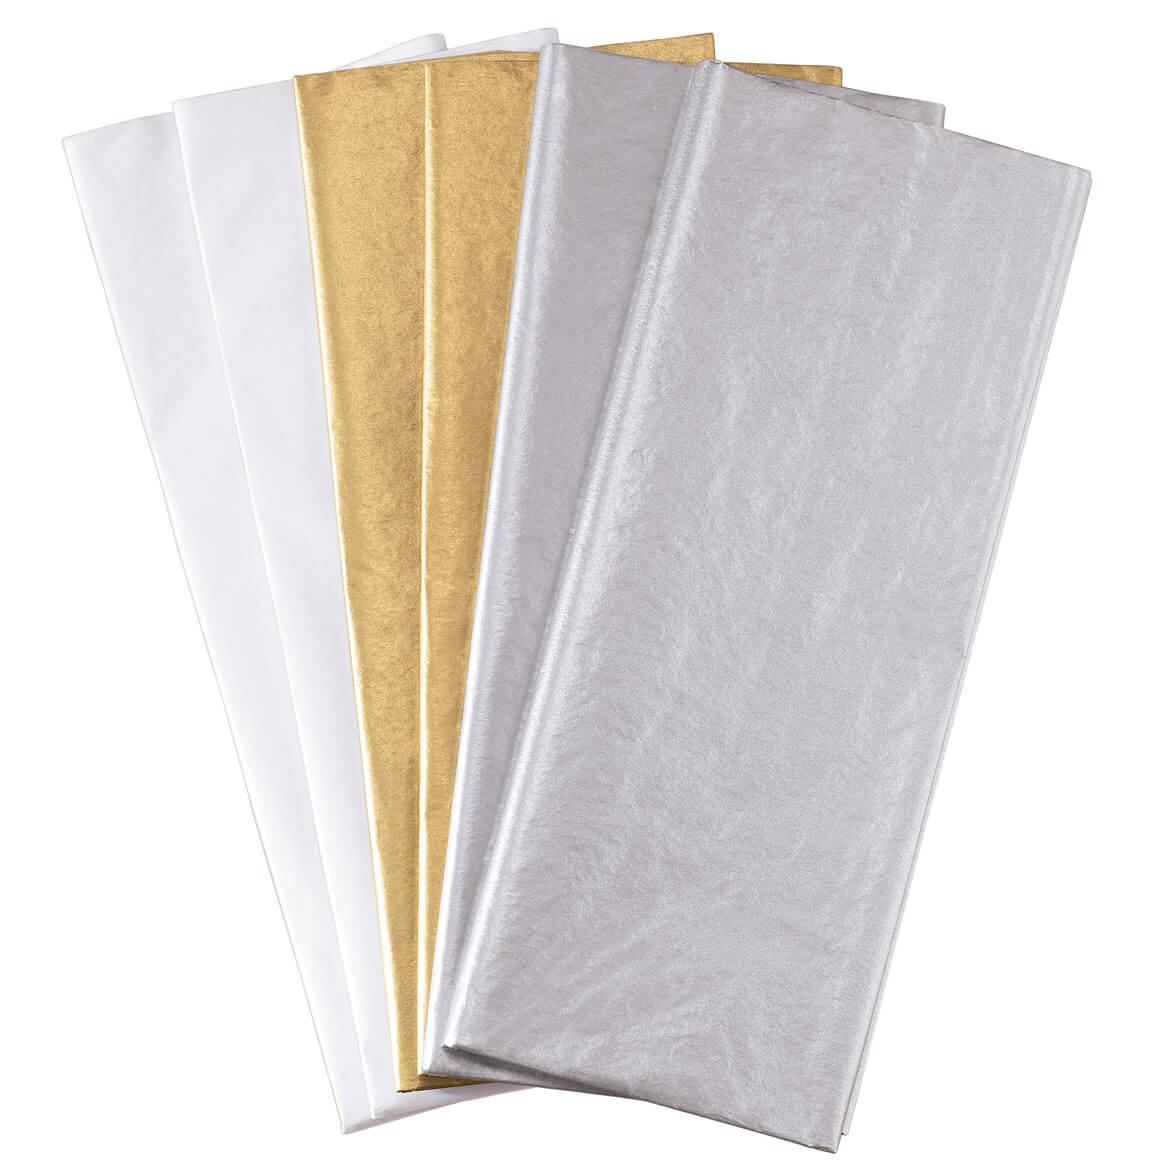 Basic Tissue Paper-Set of 23